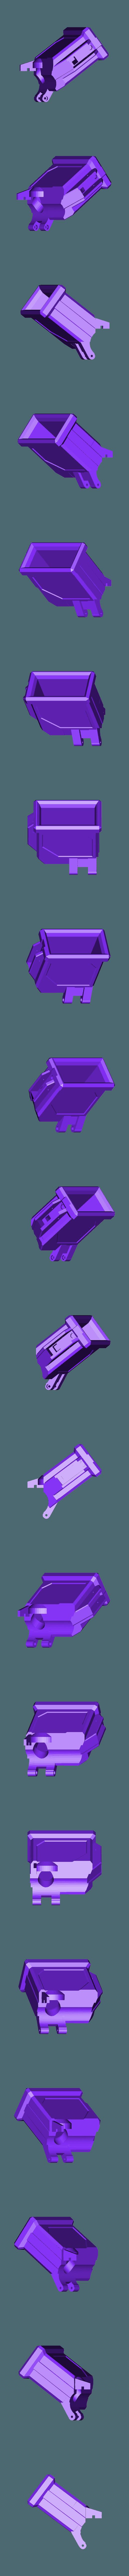 DMAG_tippwell_v3.stl Télécharger fichier STL gratuit MCS DMAG / HELIX au magazine Tippmann 98 • Objet à imprimer en 3D, UntangleART